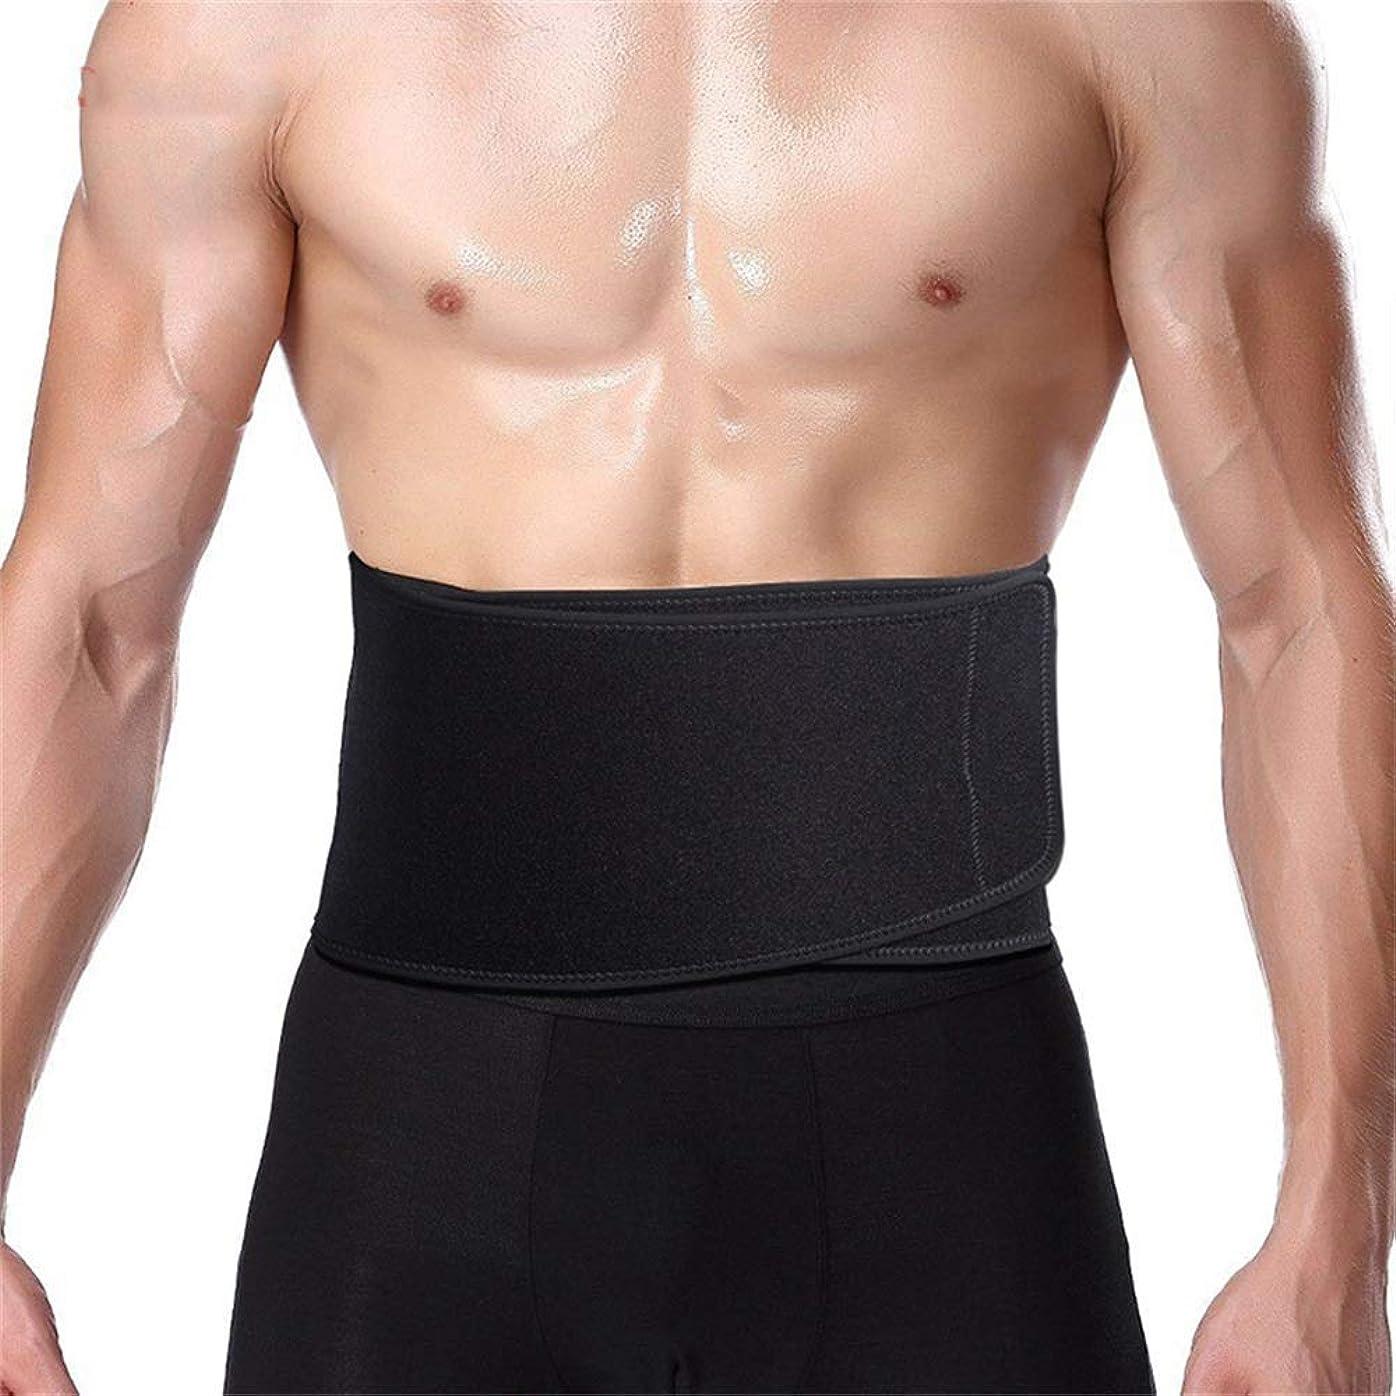 泳ぐゴネリル細断フィットネススポーツベルト ネオプレンのメイドは、代謝を加速し、快適で耐久性のある、きれいにするために血液循環、簡単を促進します